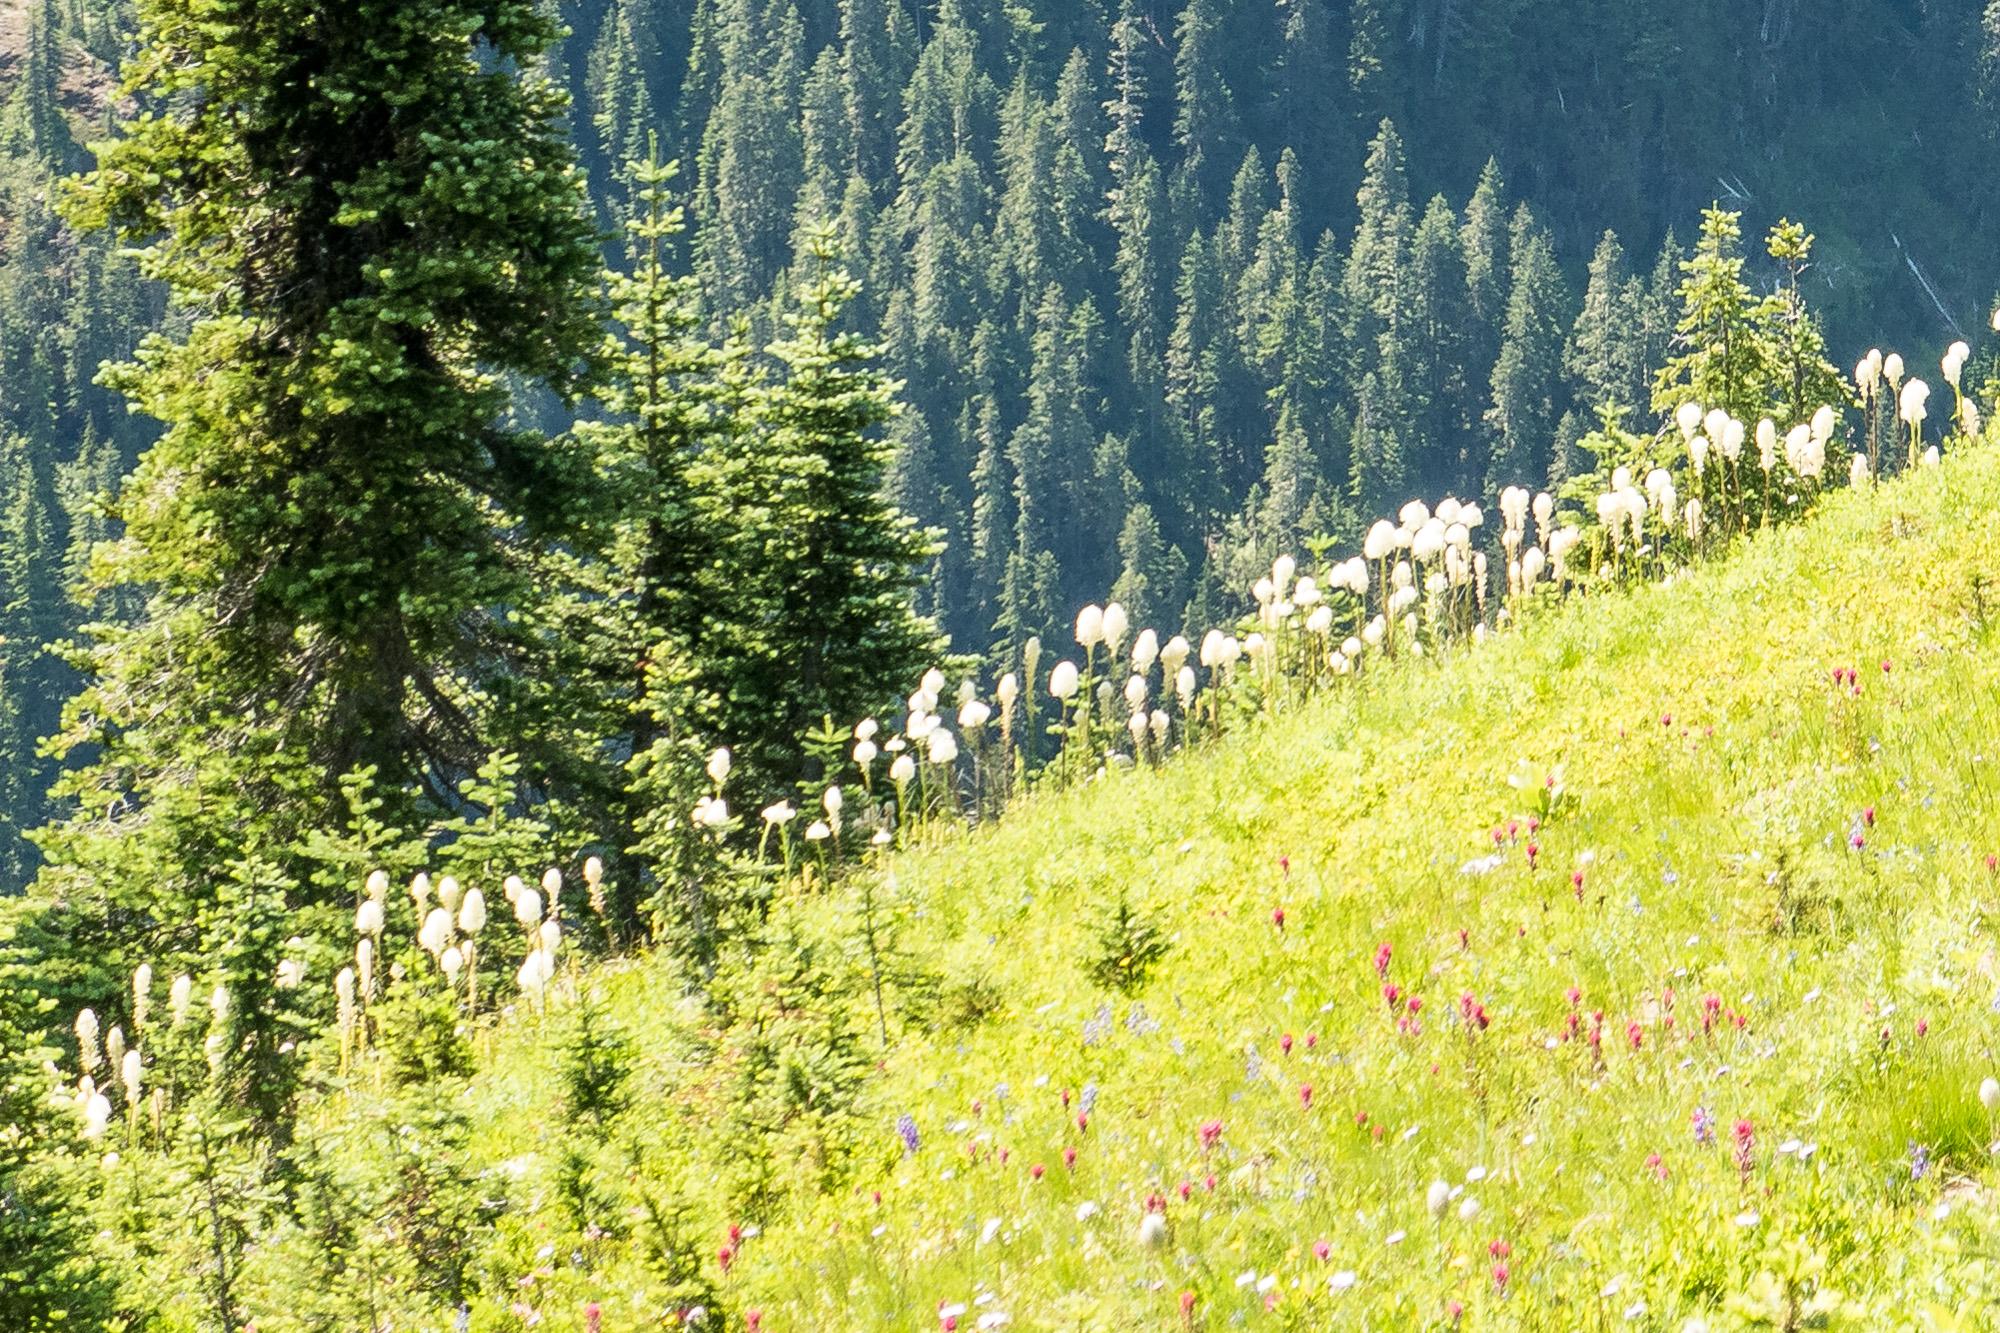 A hillside of bear grass